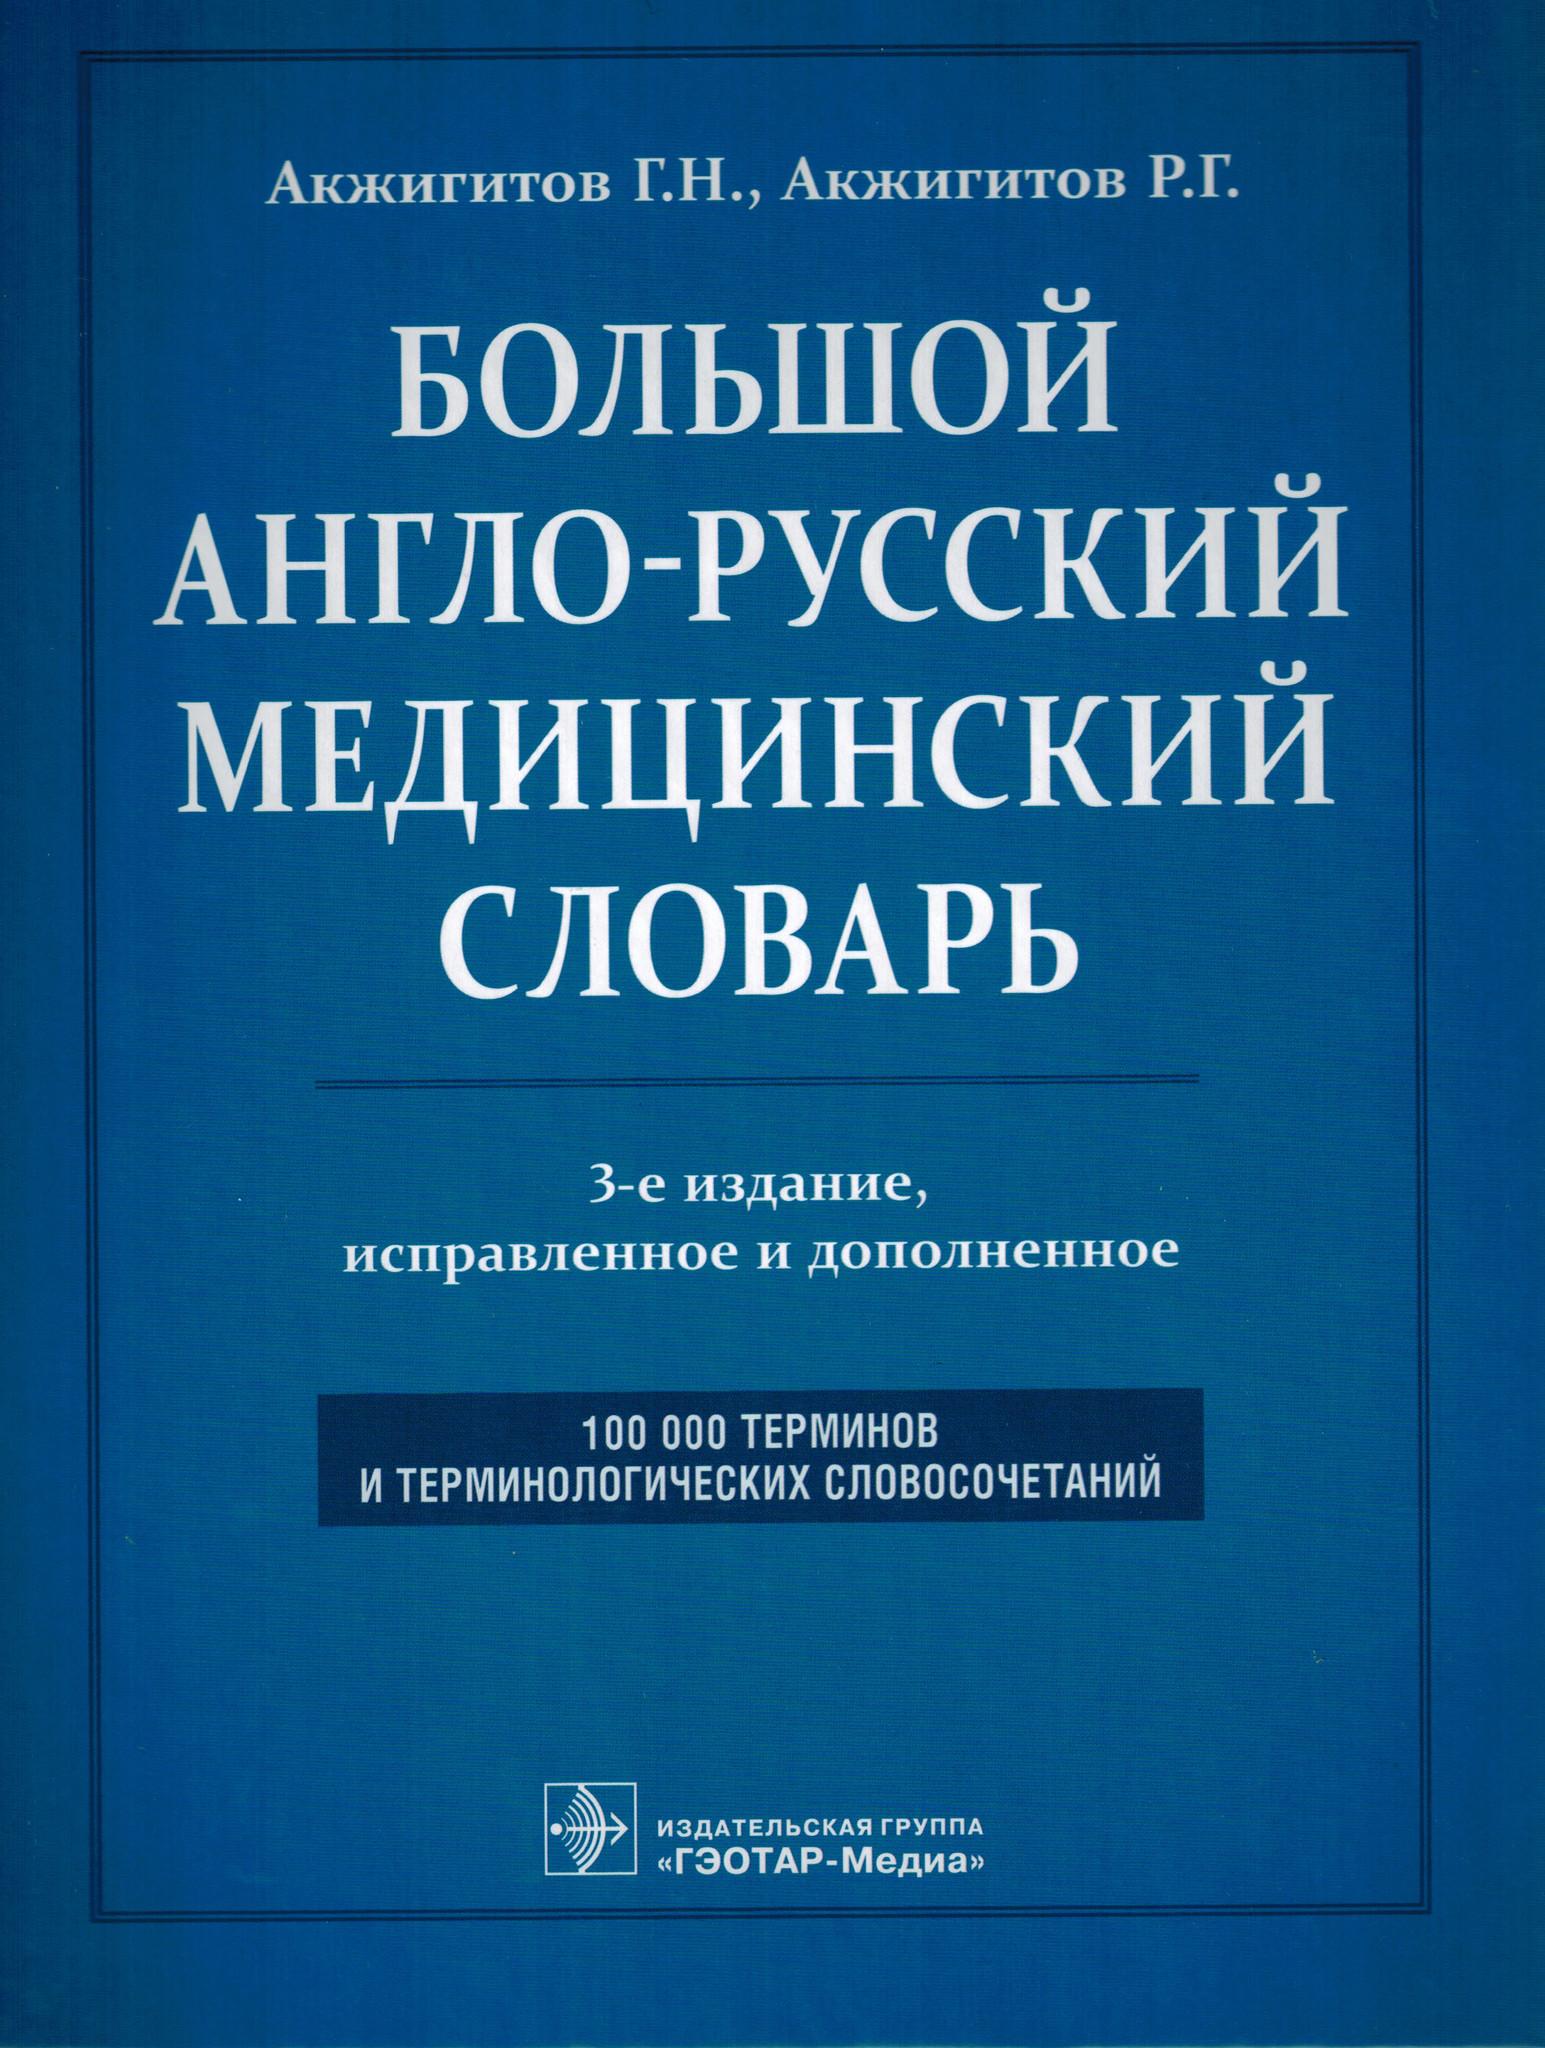 Каталог Большой англо-русский медицинский словарь sl_0001.jpg